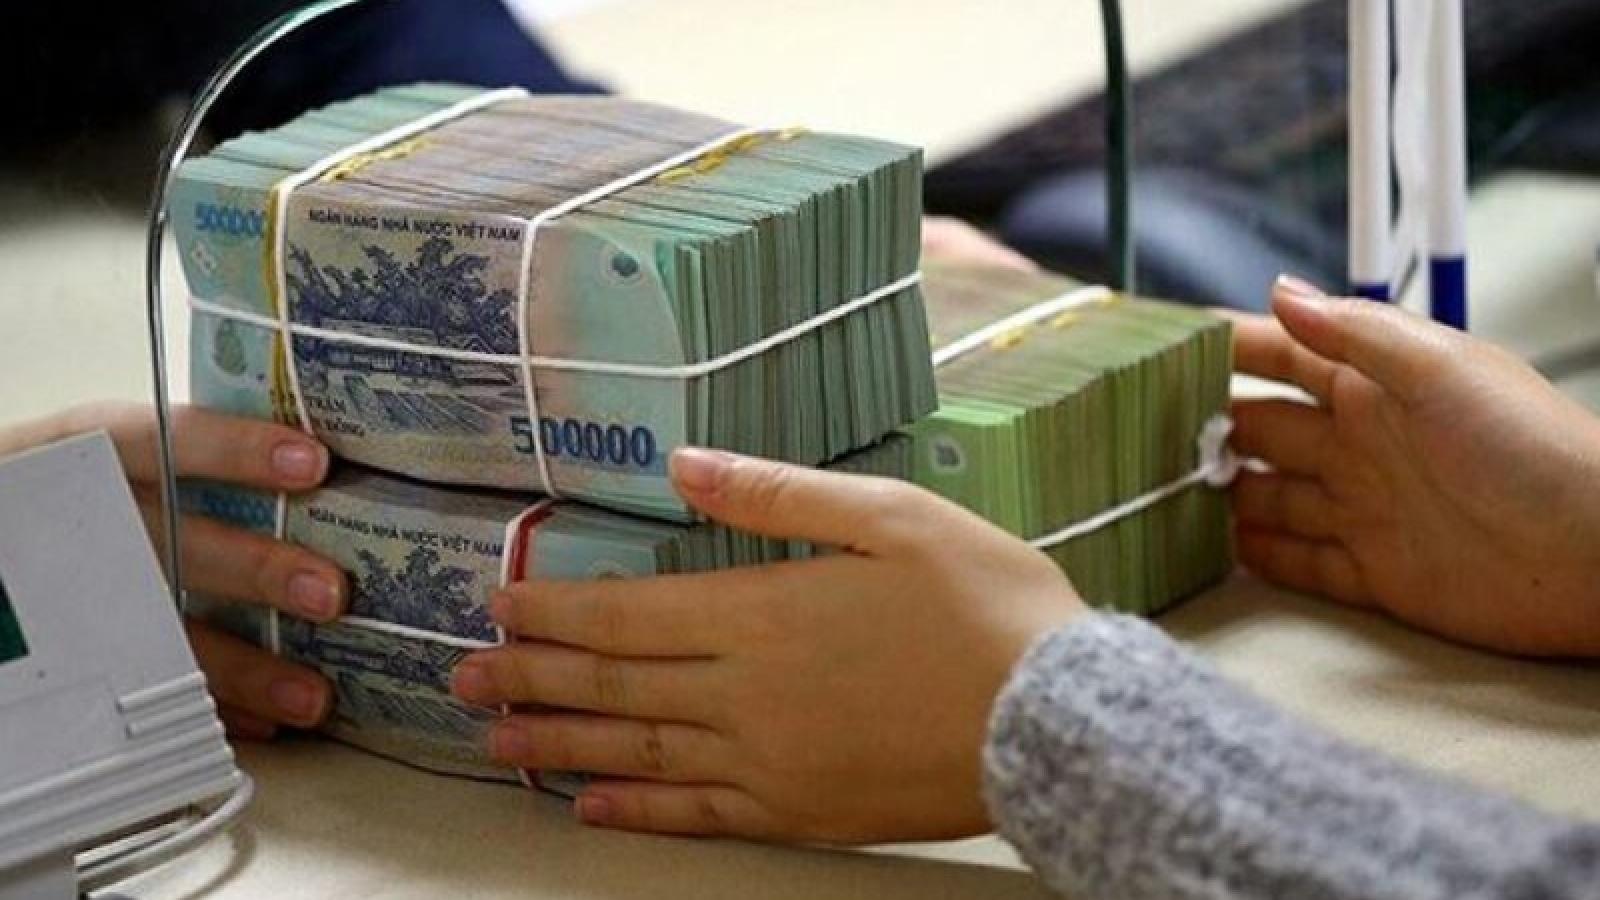 Ngân sách nhà nước bội thu 79.400 tỷ đồng trong 2 tháng đầu năm